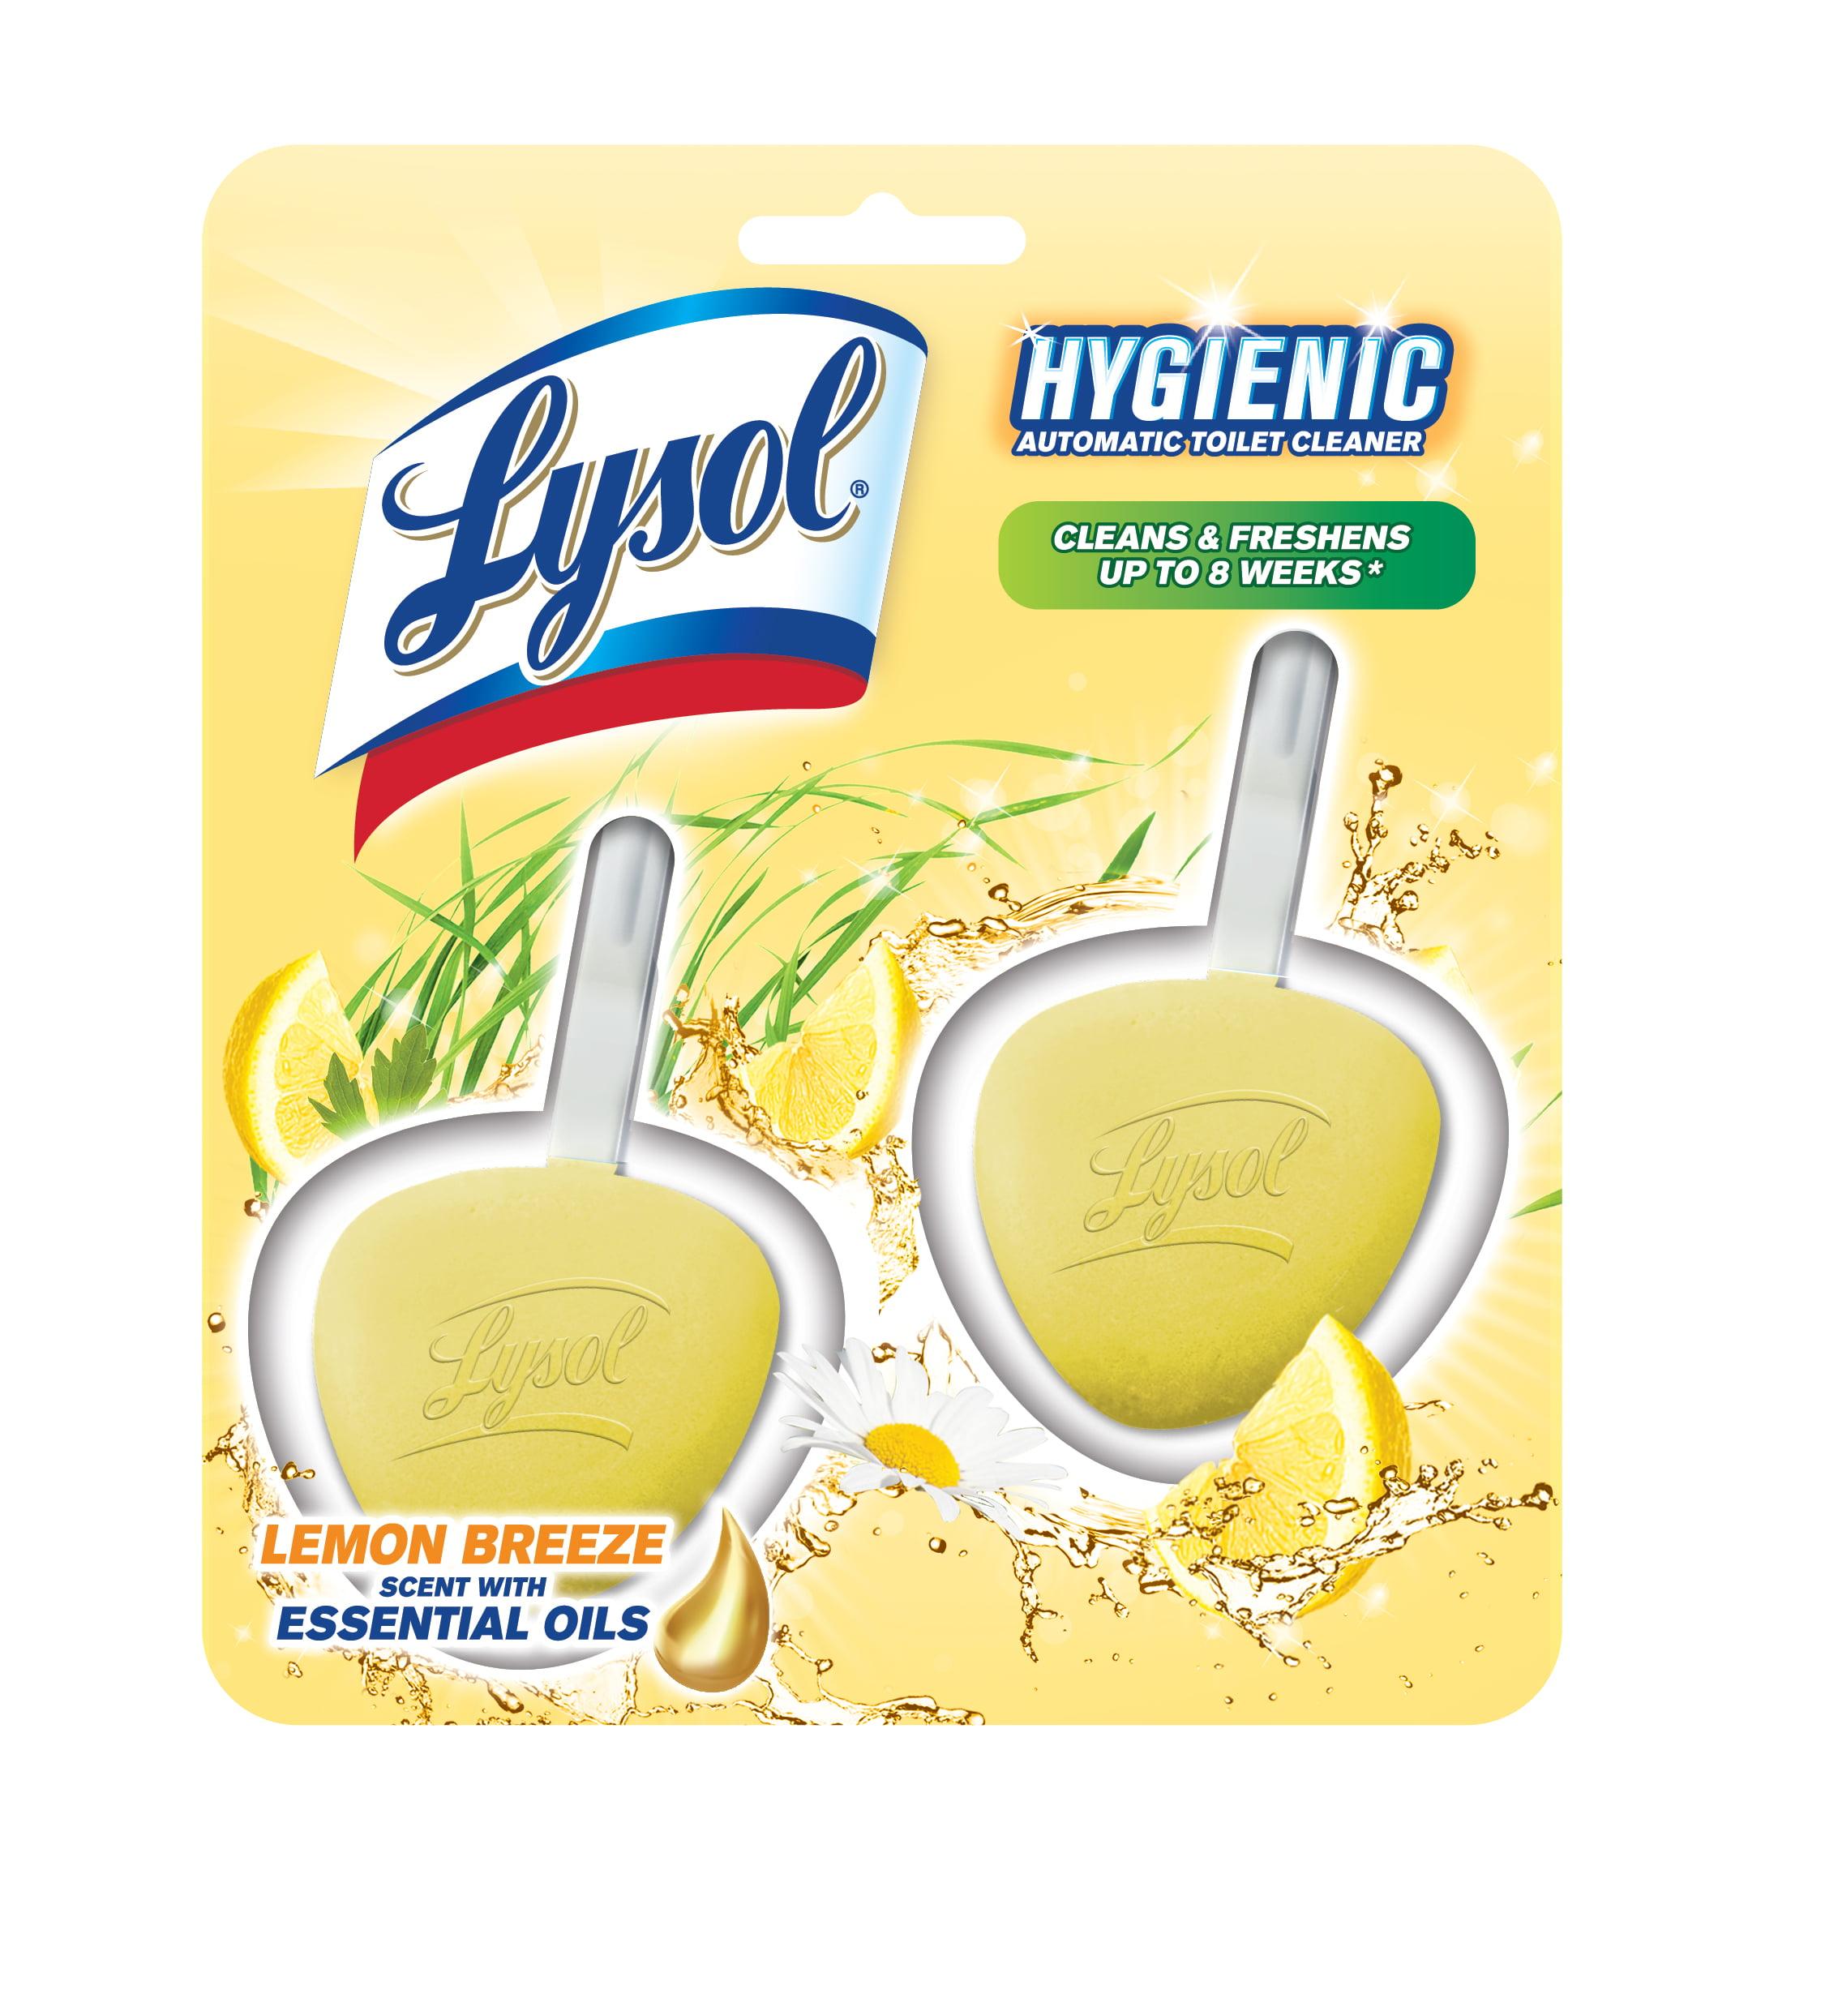 (3 pack) Lysol Hygienic Automatic Toilet Bowl Cleaner, Lemon Breeze, 2ct